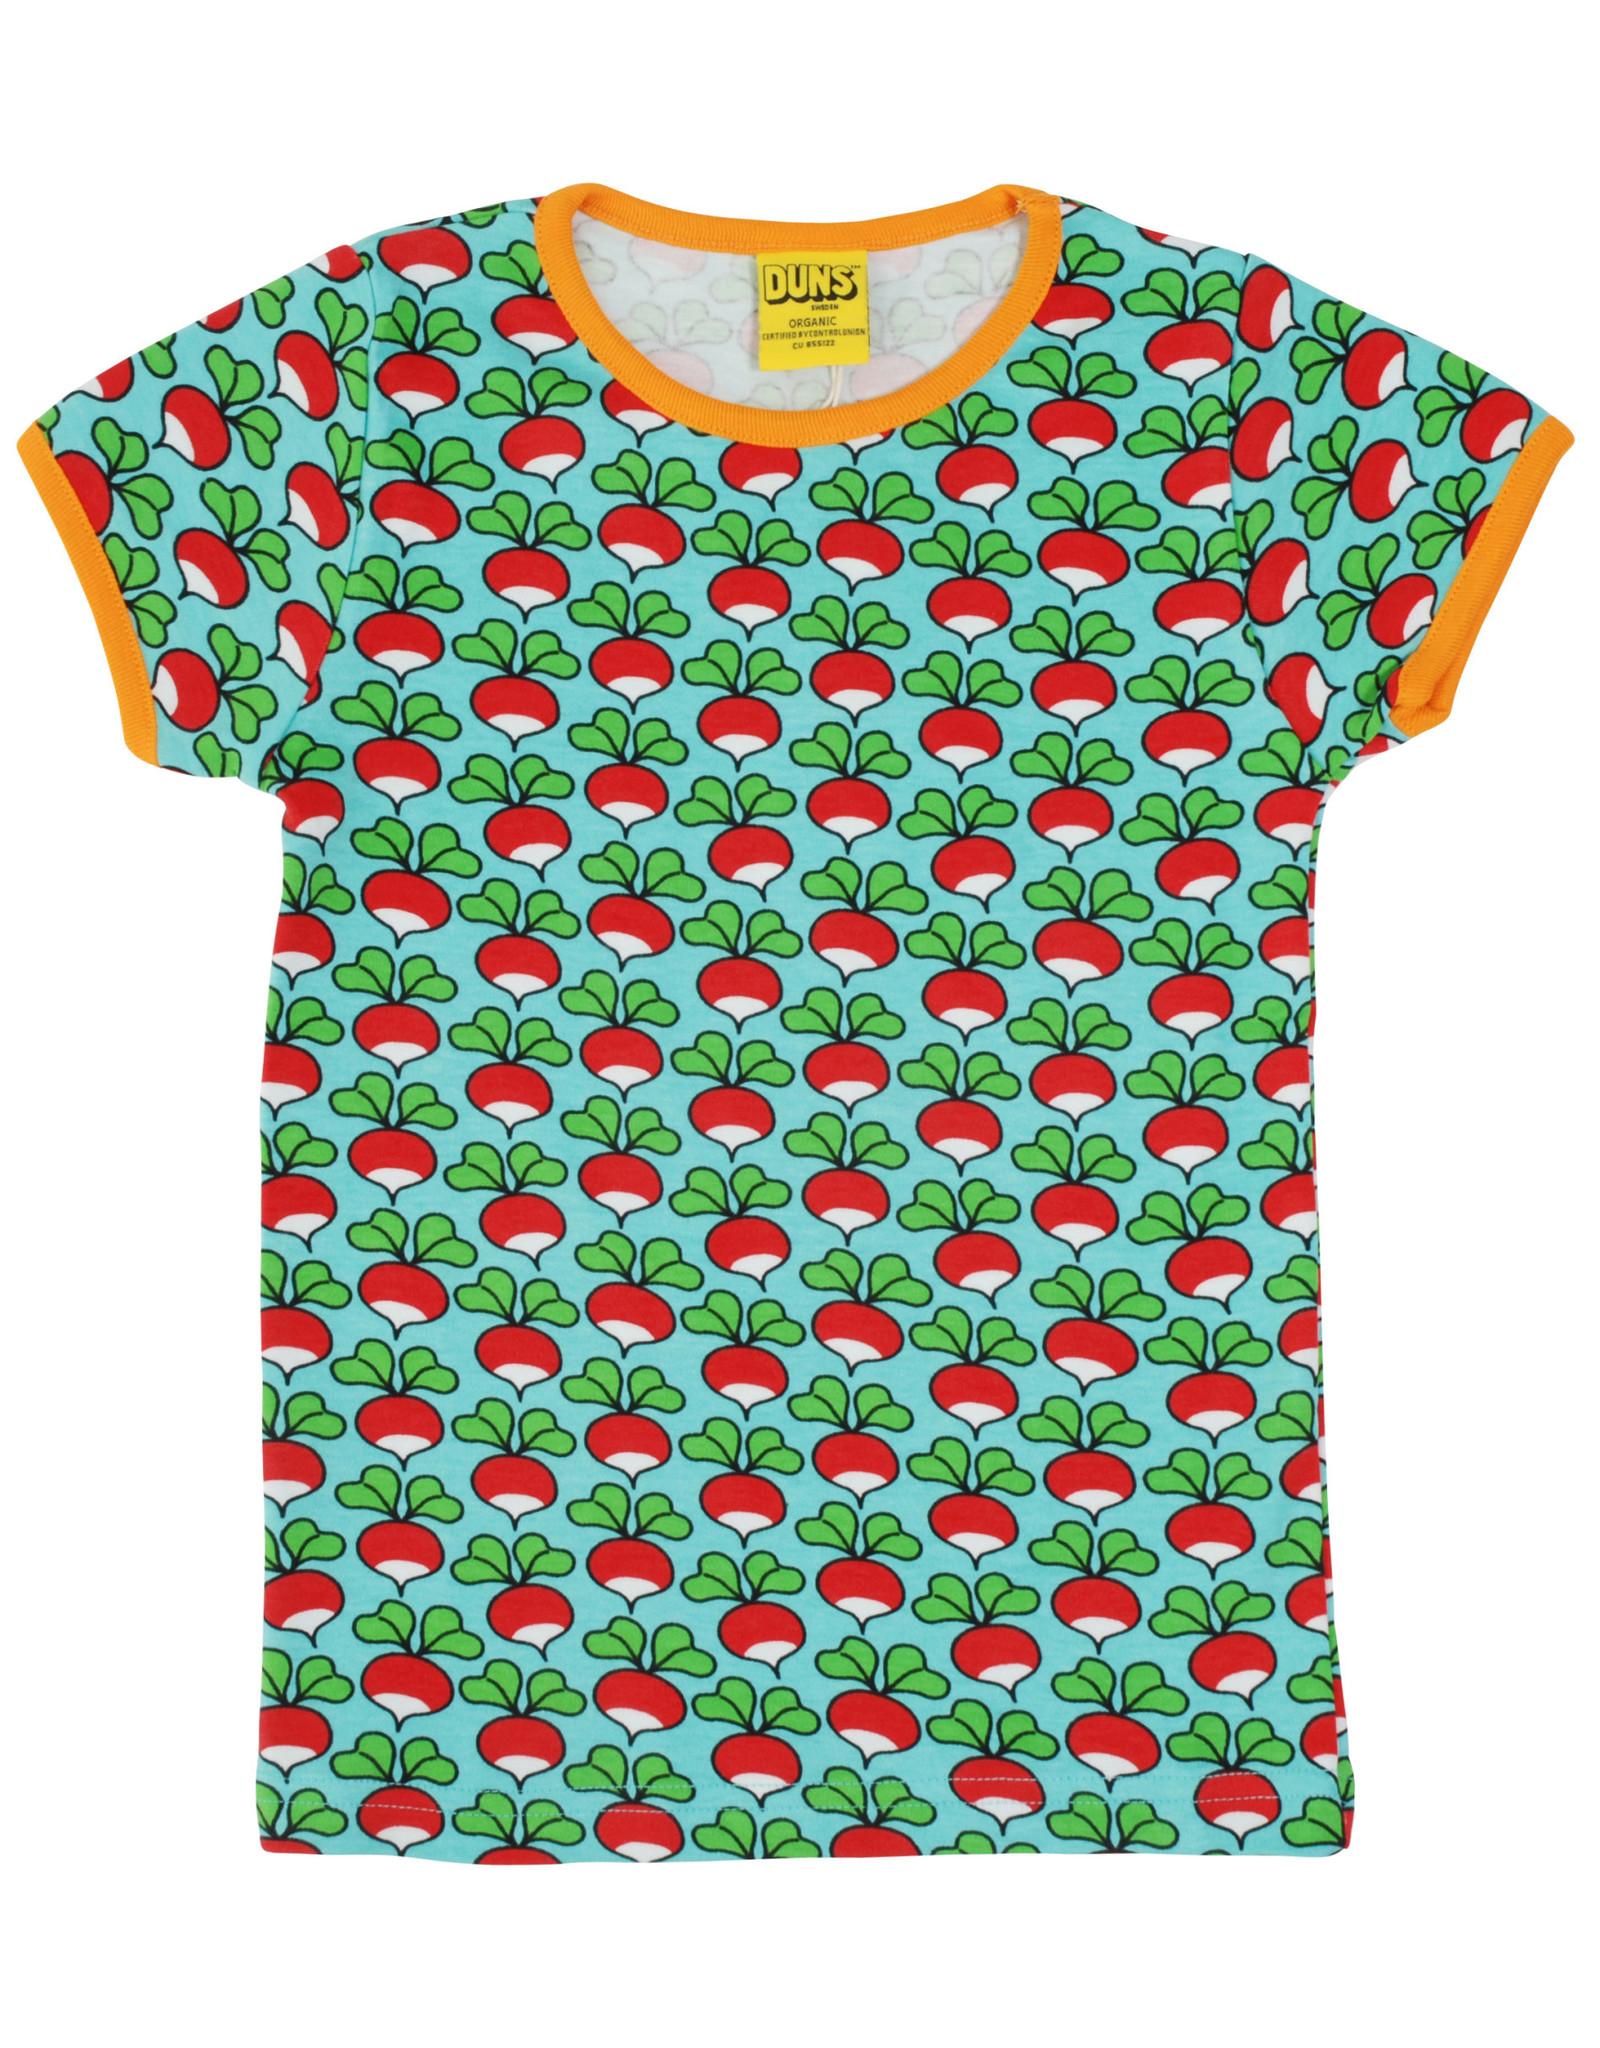 Duns VOLWASSEN t-shirt met radijsjes